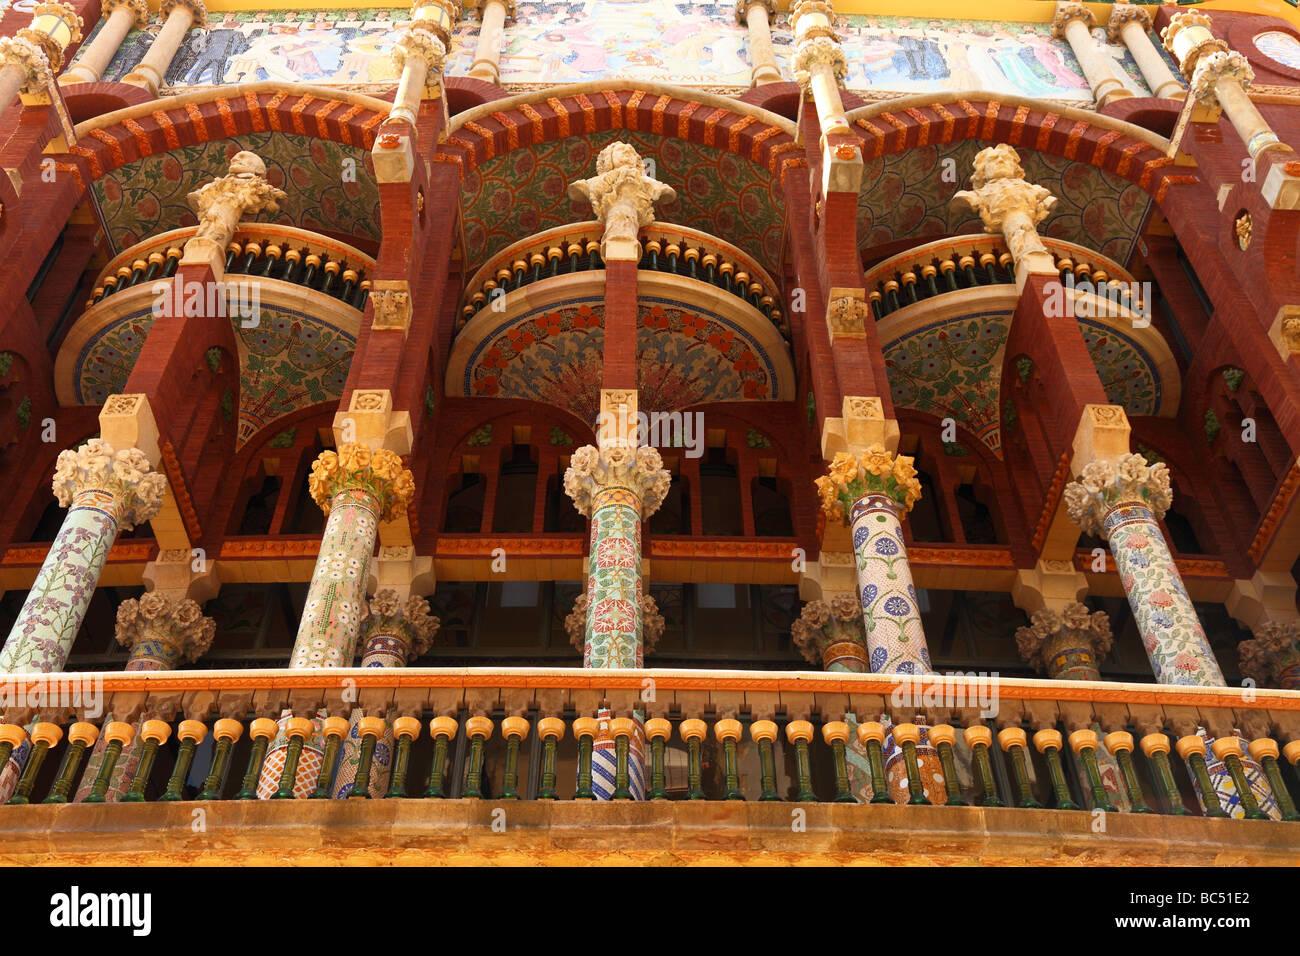 Casa de la musica stock photos casa de la musica stock images alamy - Casas de musica en barcelona ...